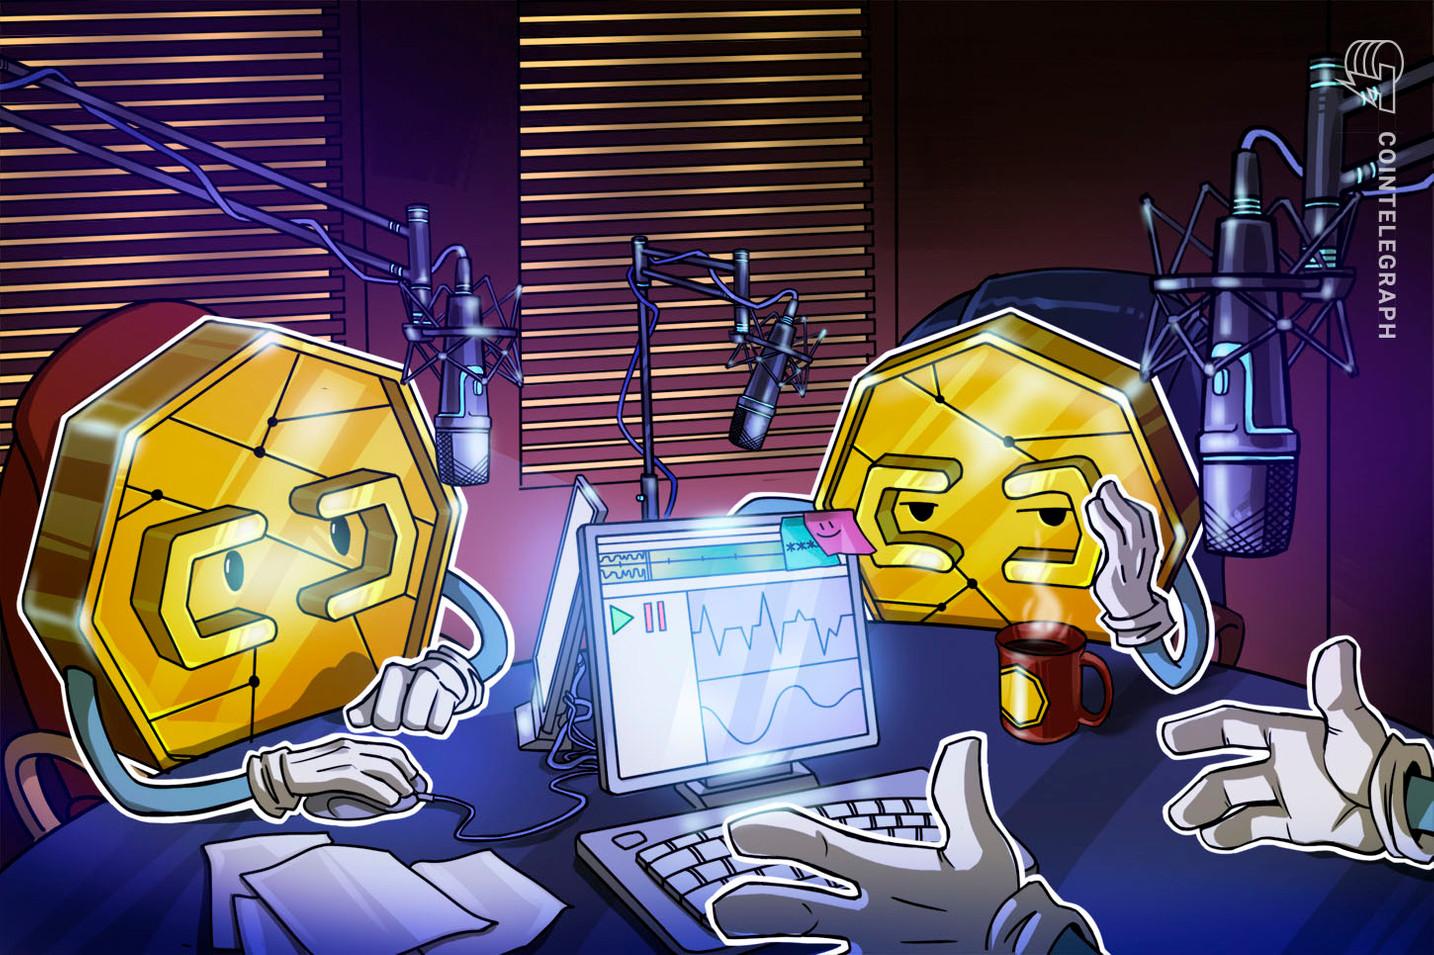 ¿Qué está pasando en los criptomercados en este momento? Únete a la transmisión en vivo de Big Cheds y Korean Jew Trading